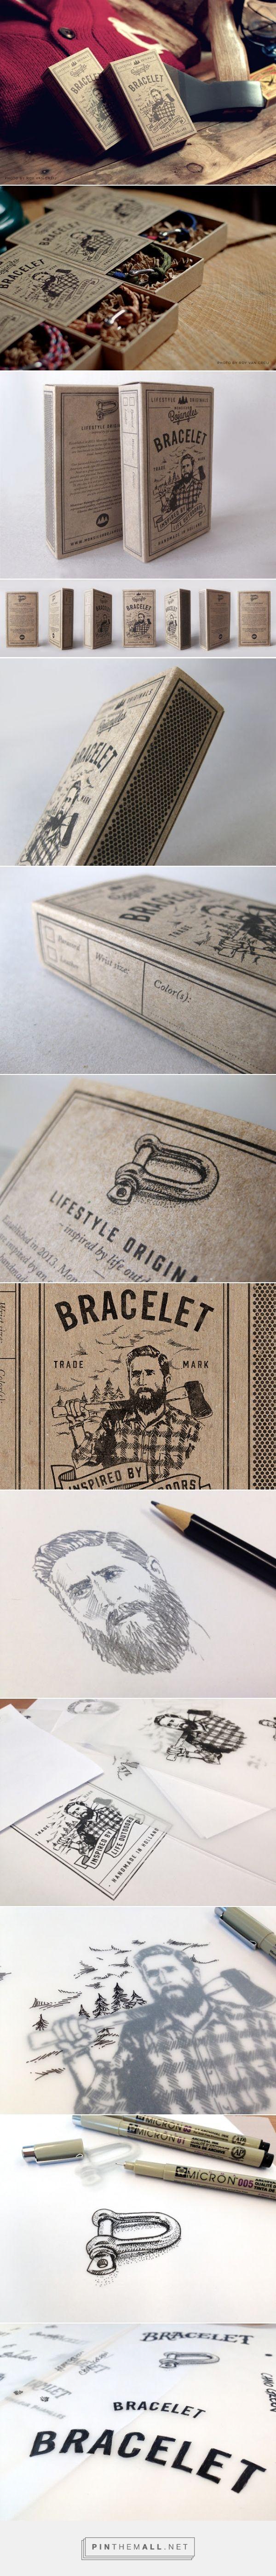 Monsieur Bojangles #bracelets in #matchbox designed by Peter Kortleve - http://www.packagingoftheworld.com/2015/07/monsieur-bojangles.html - created via http://pinthemall.net